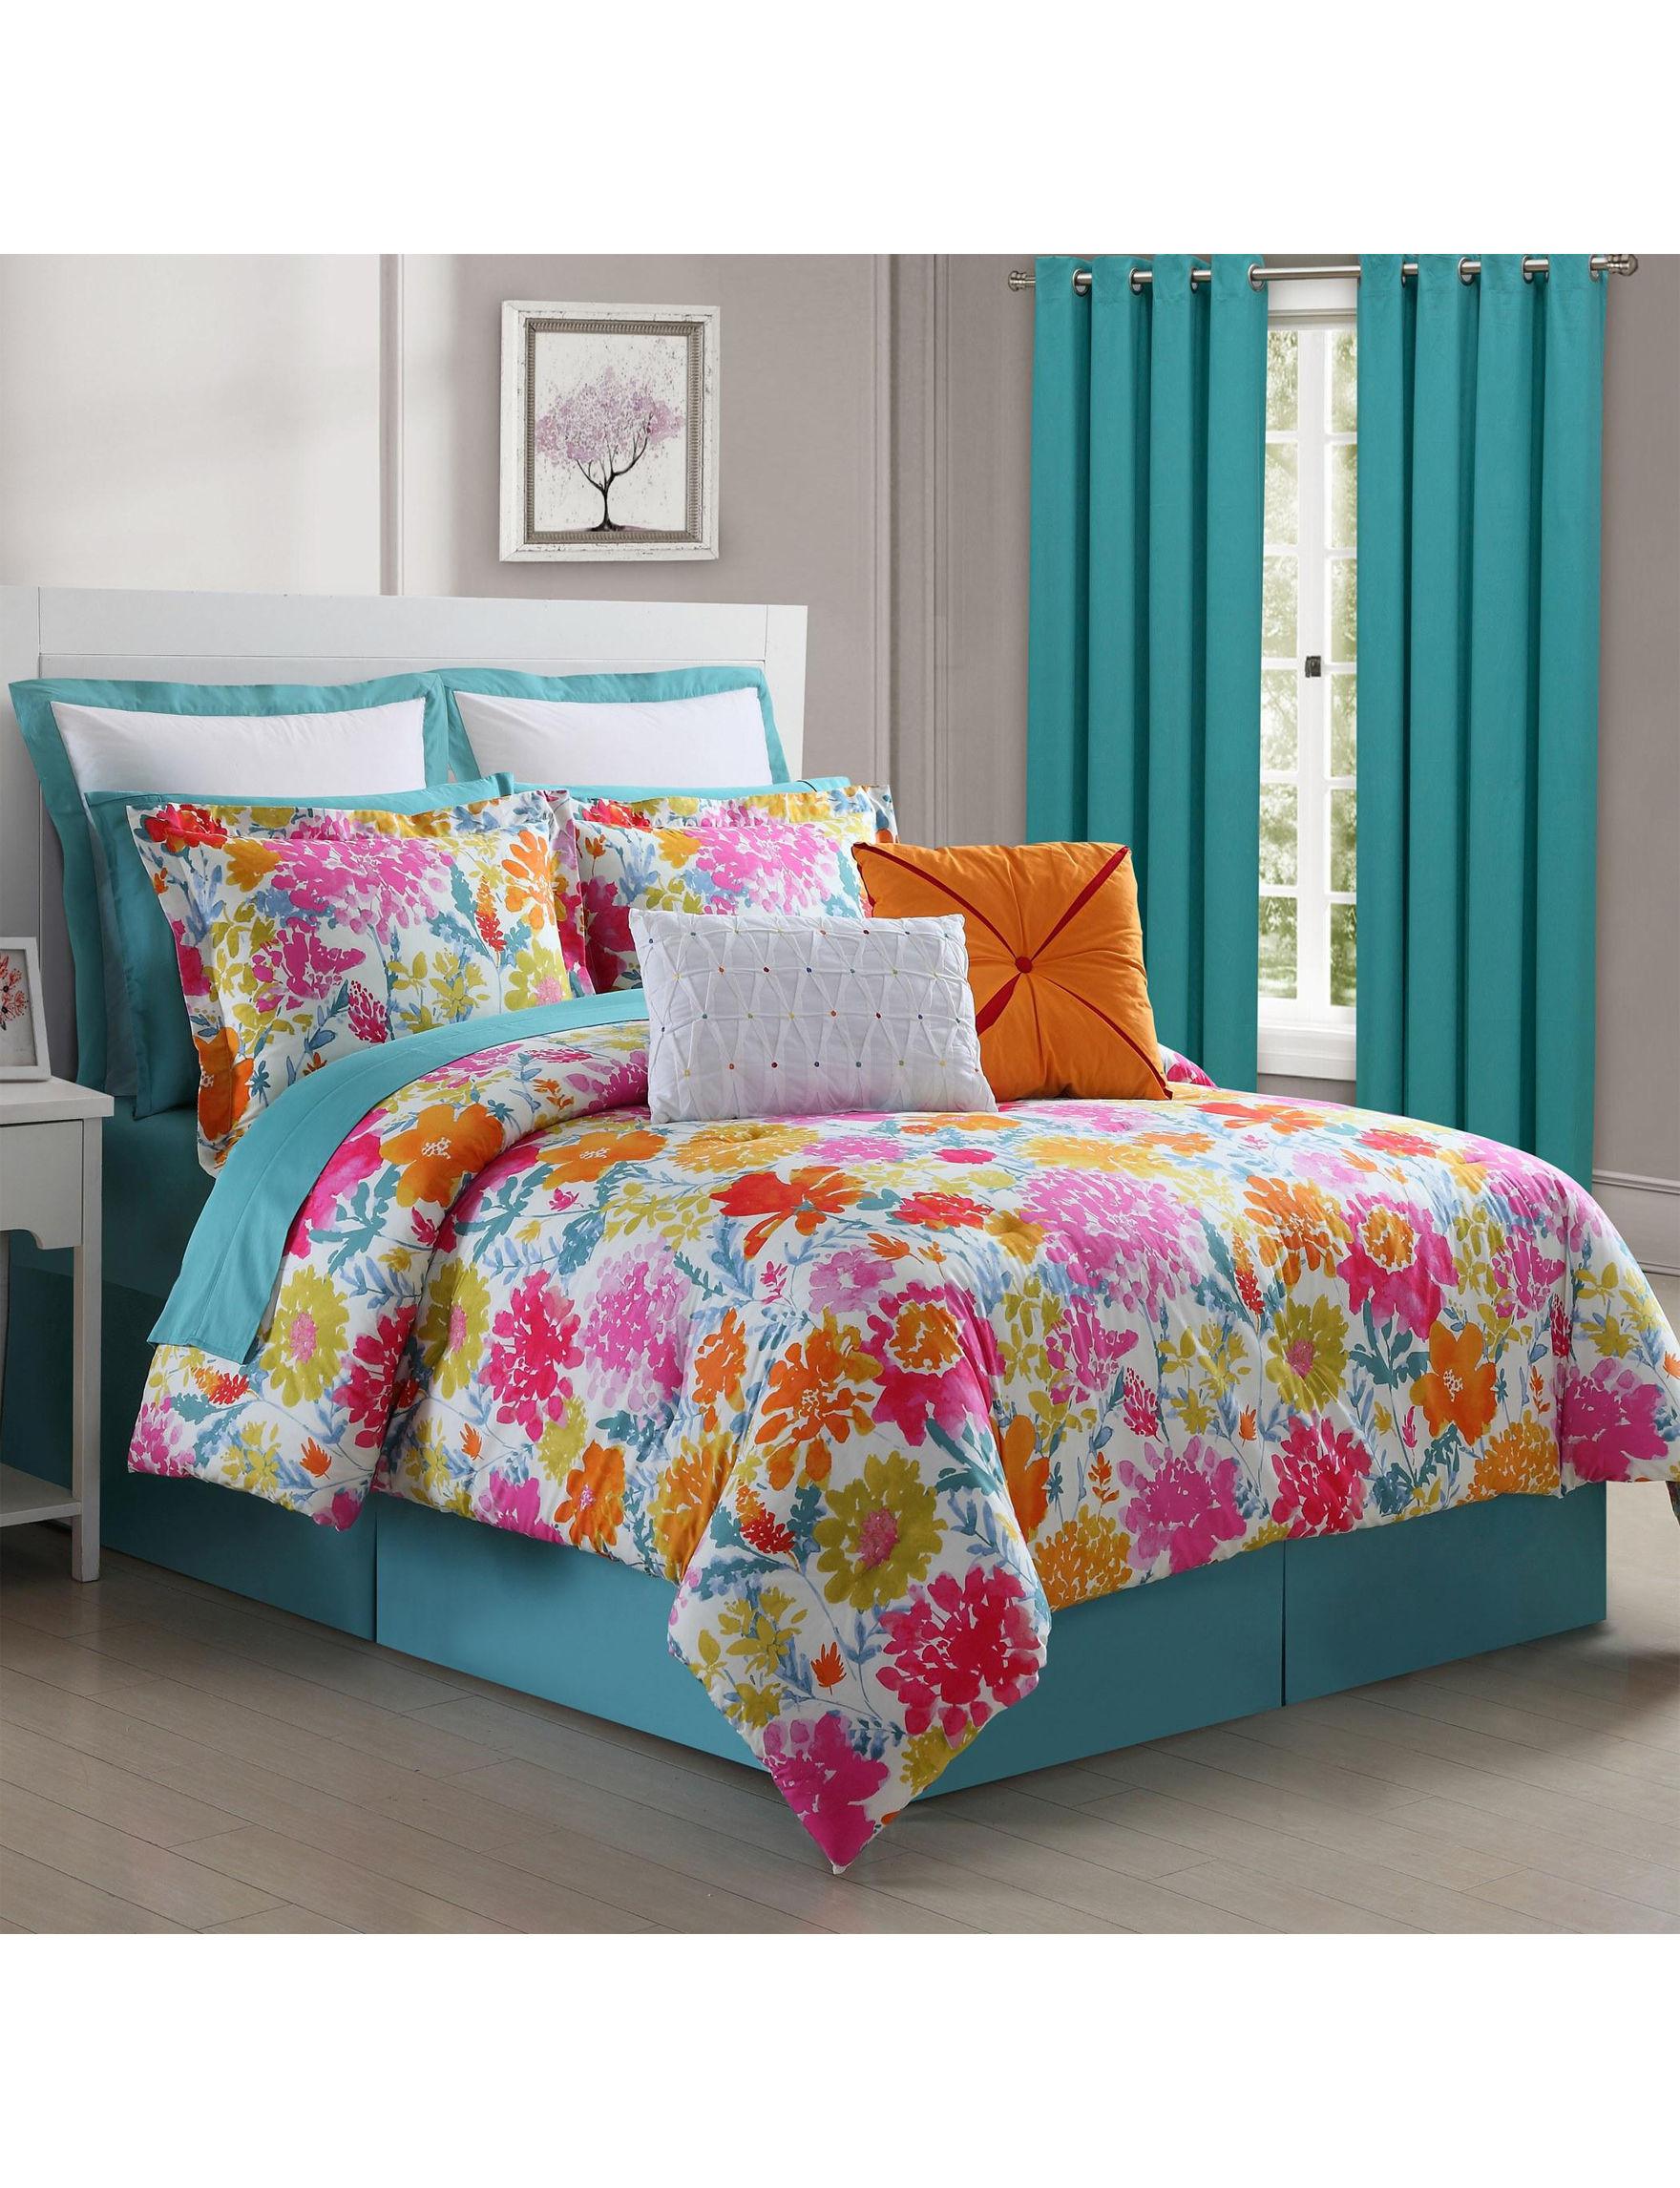 Fiesta Pink Multi Comforters & Comforter Sets